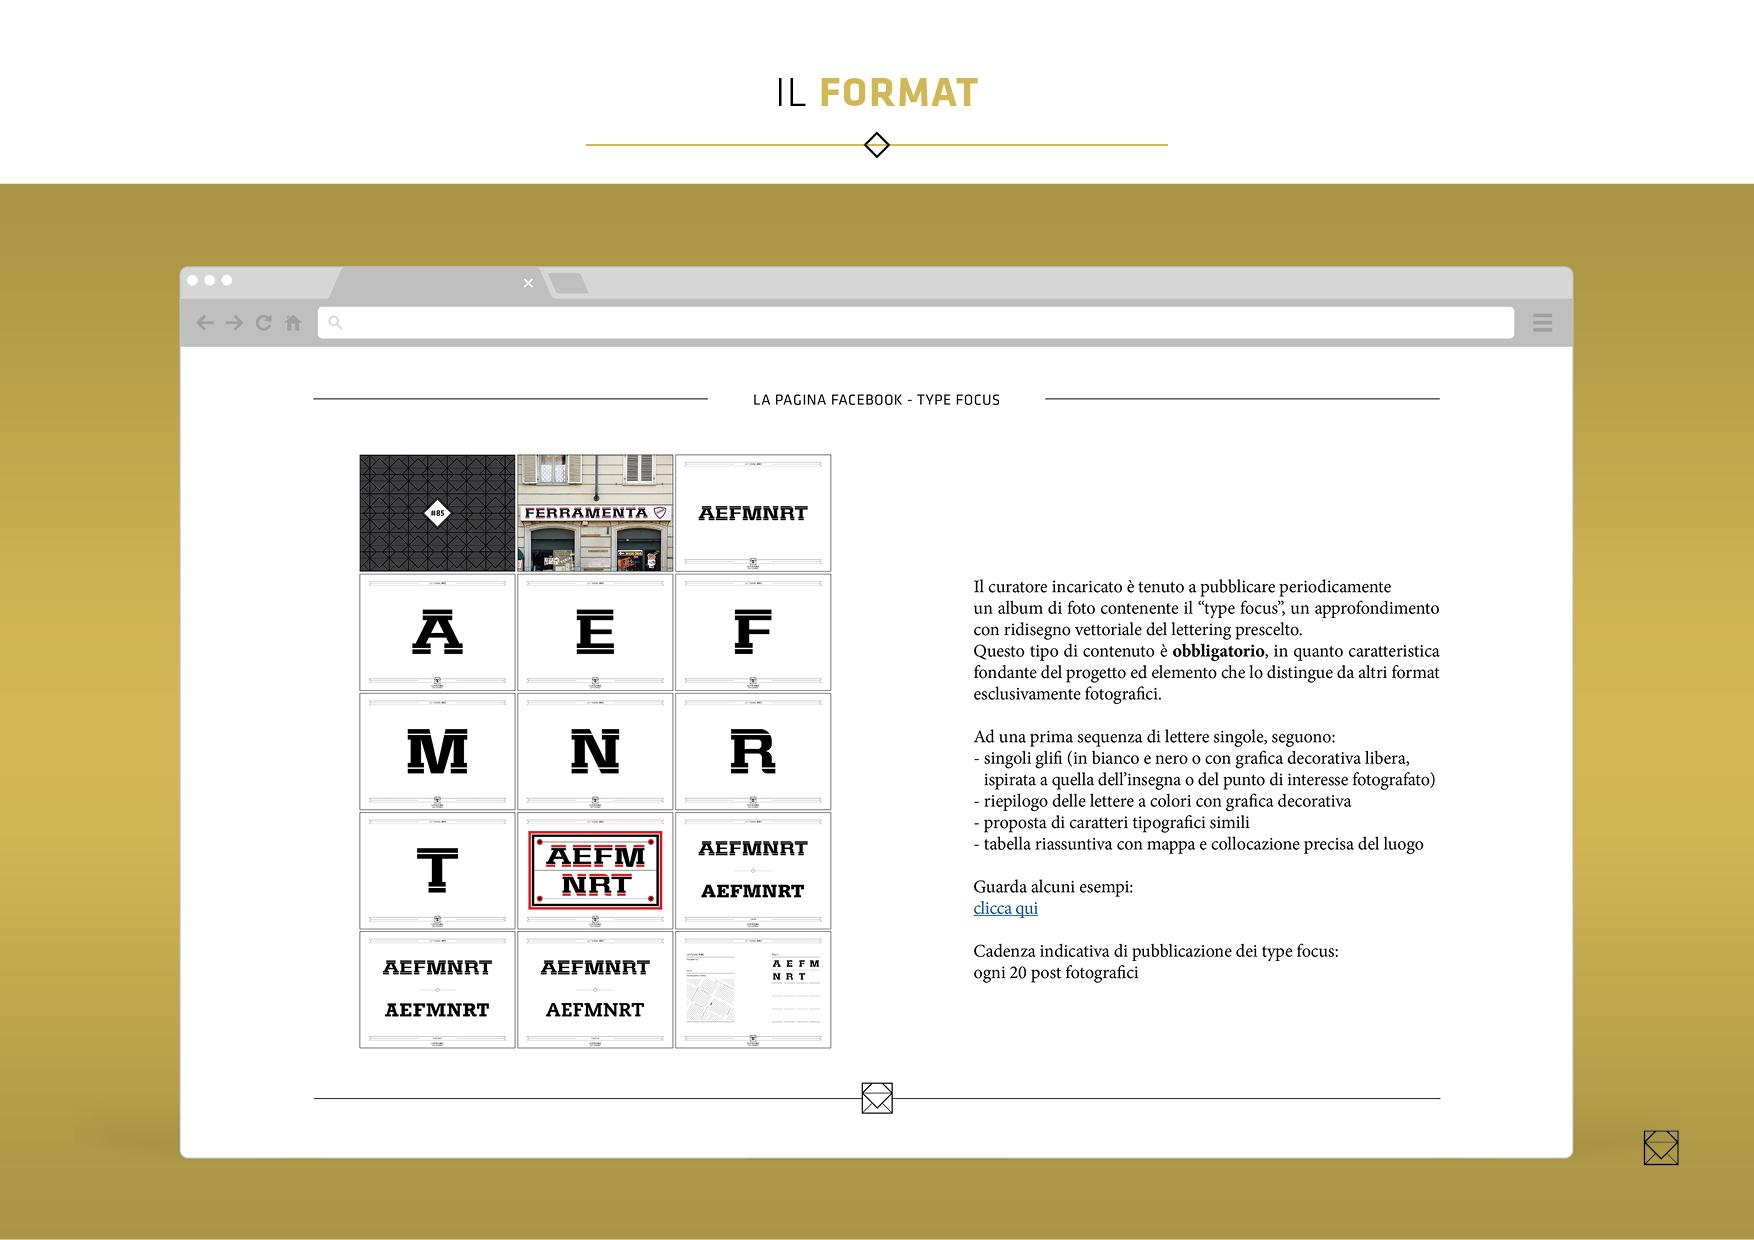 format2.jpg